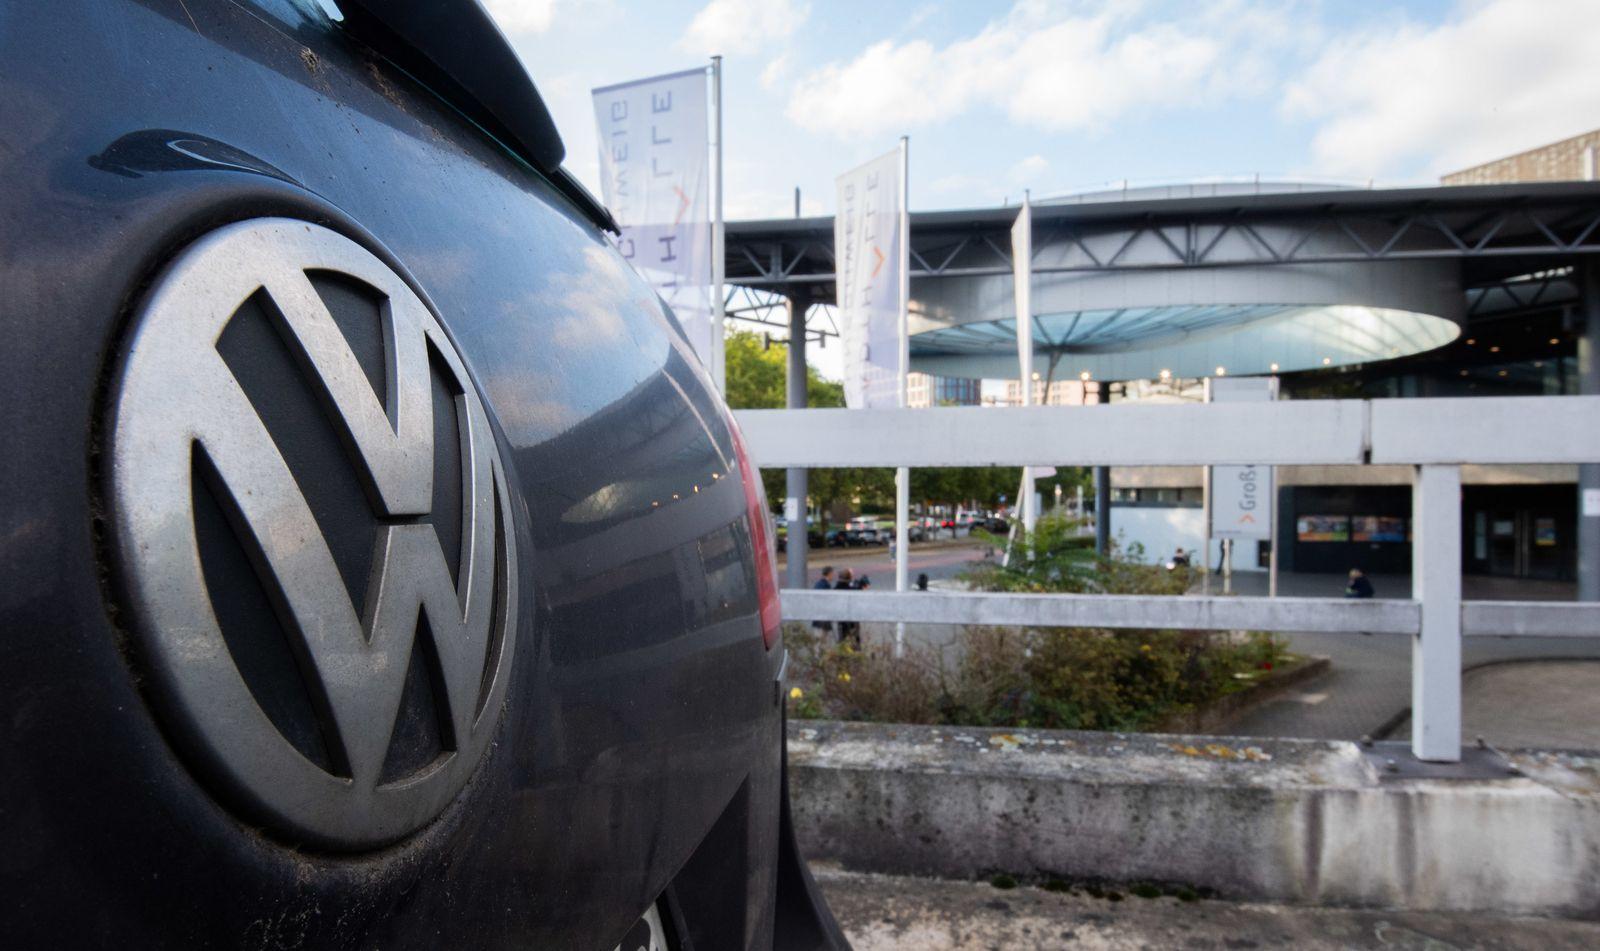 Strafprozess gegen vier Angeklagte im VW-Abgasskandal